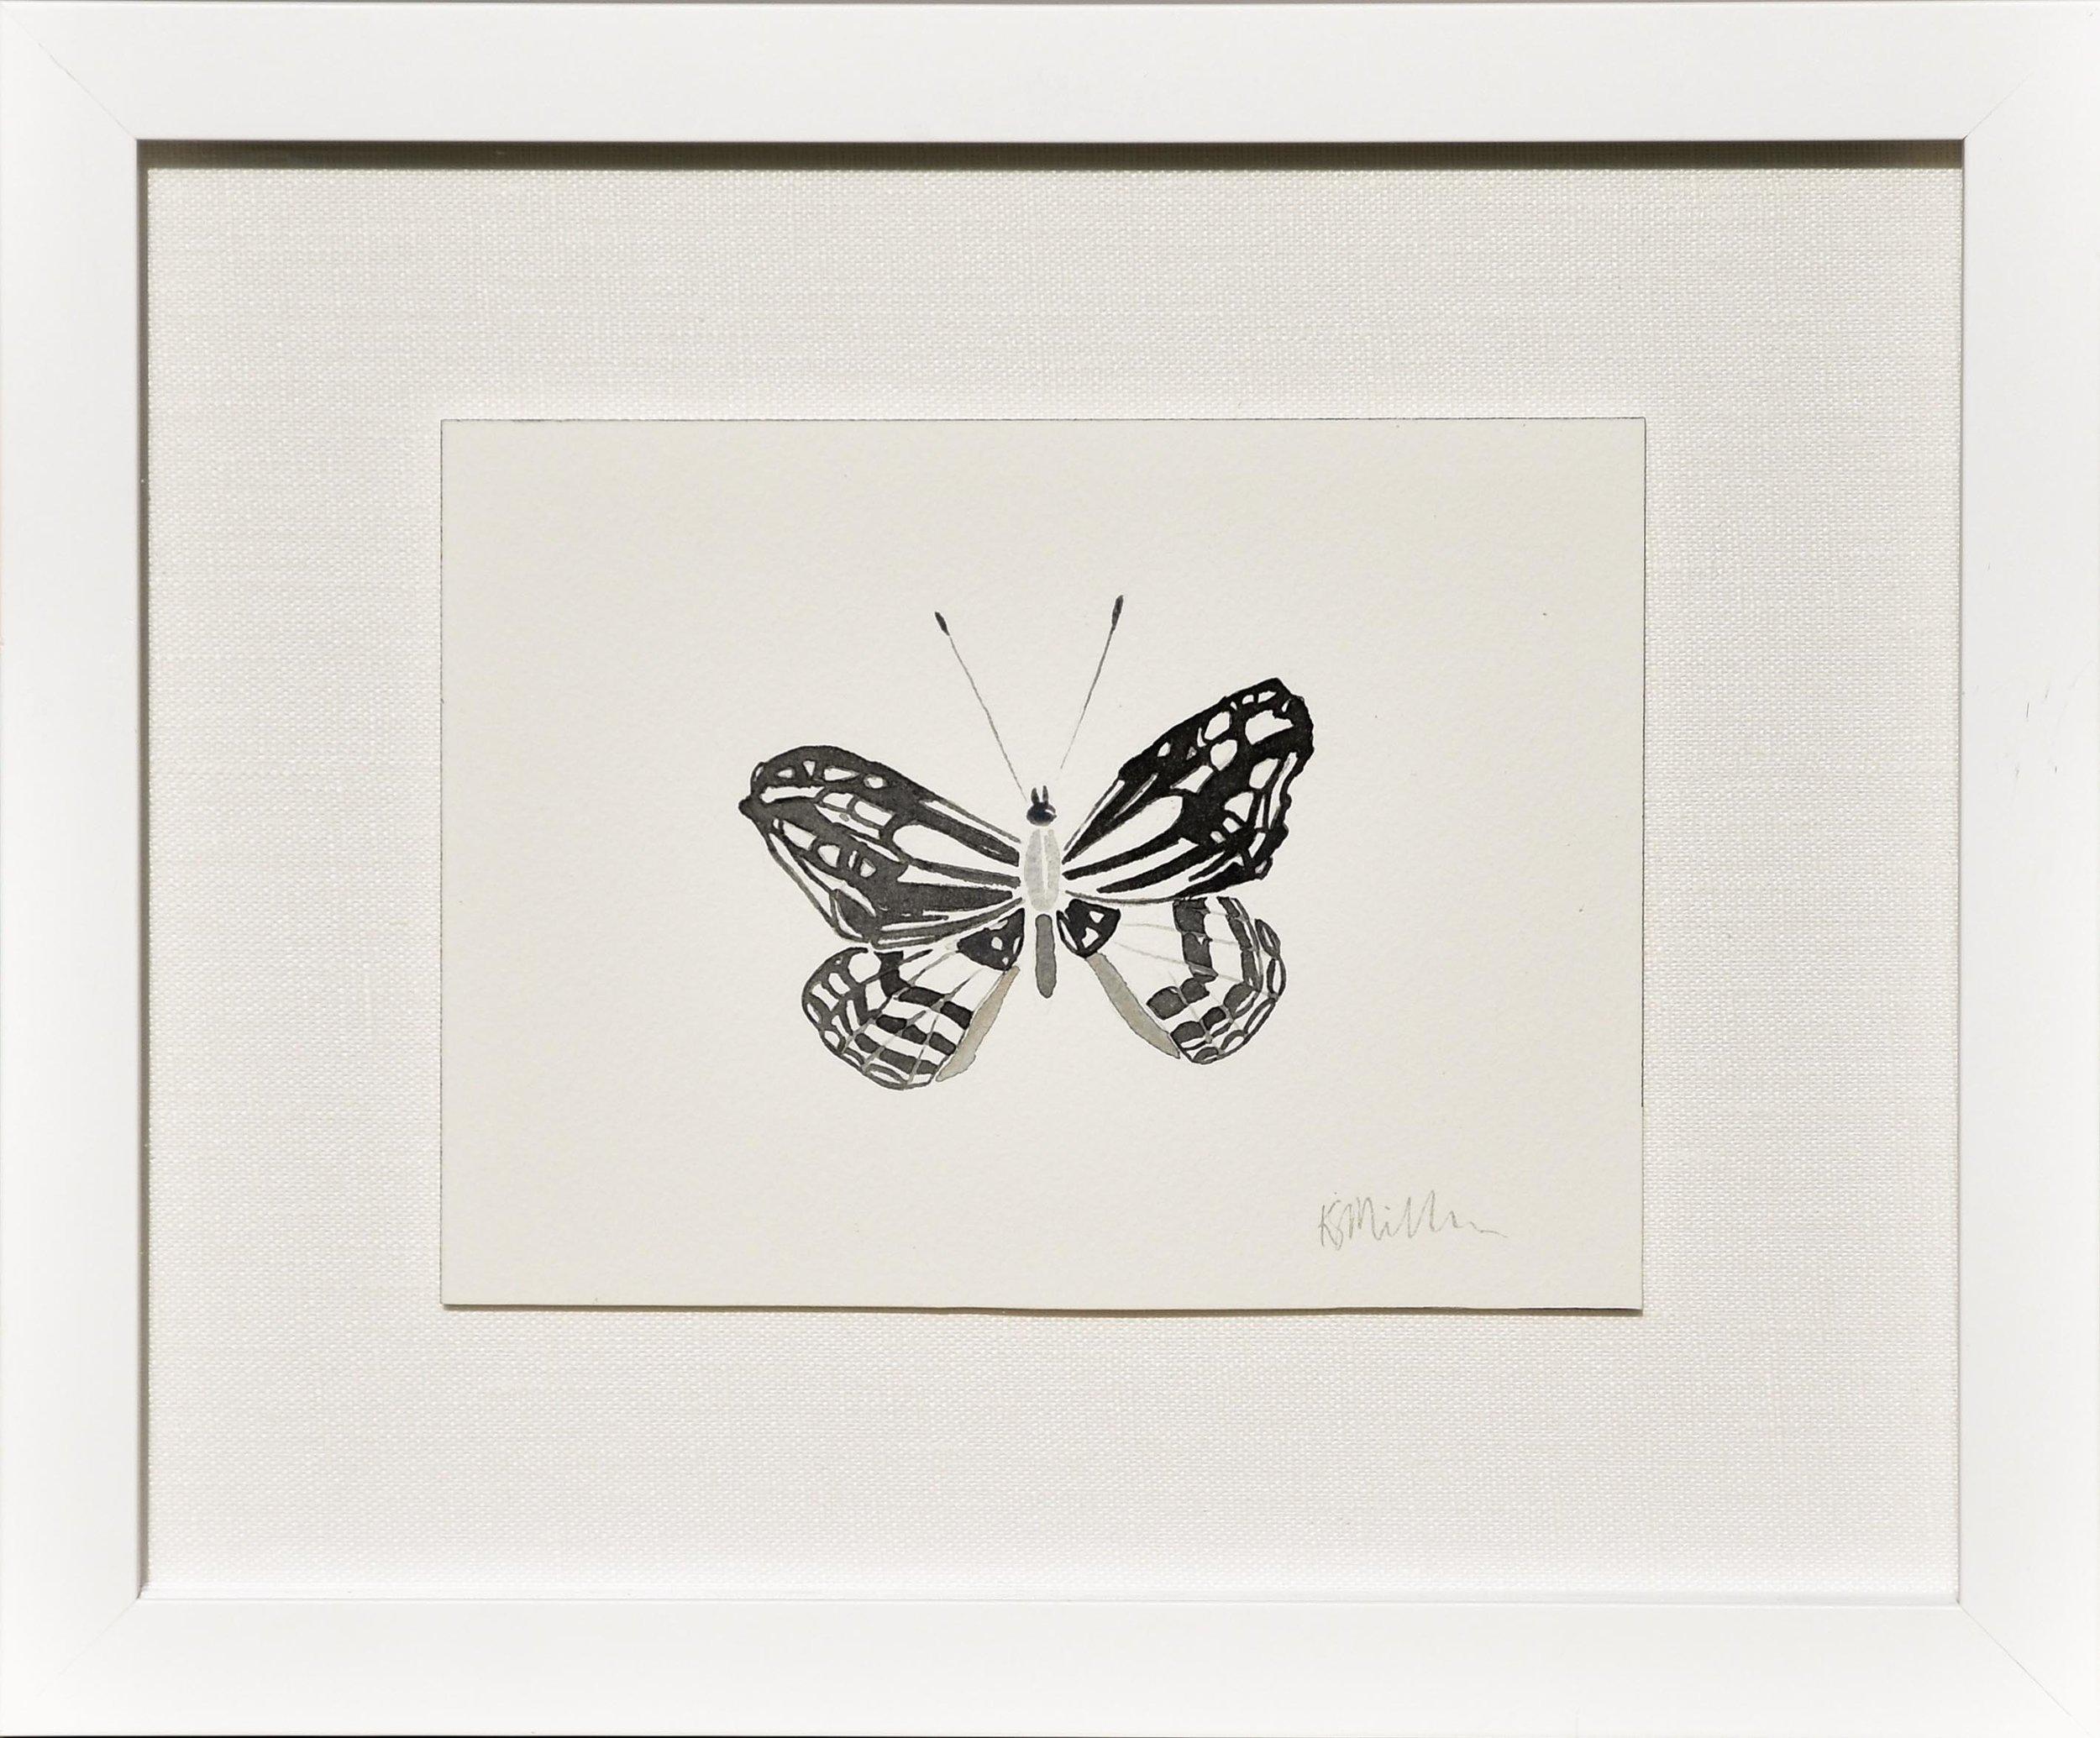 ButterflyStudy_02.jpg